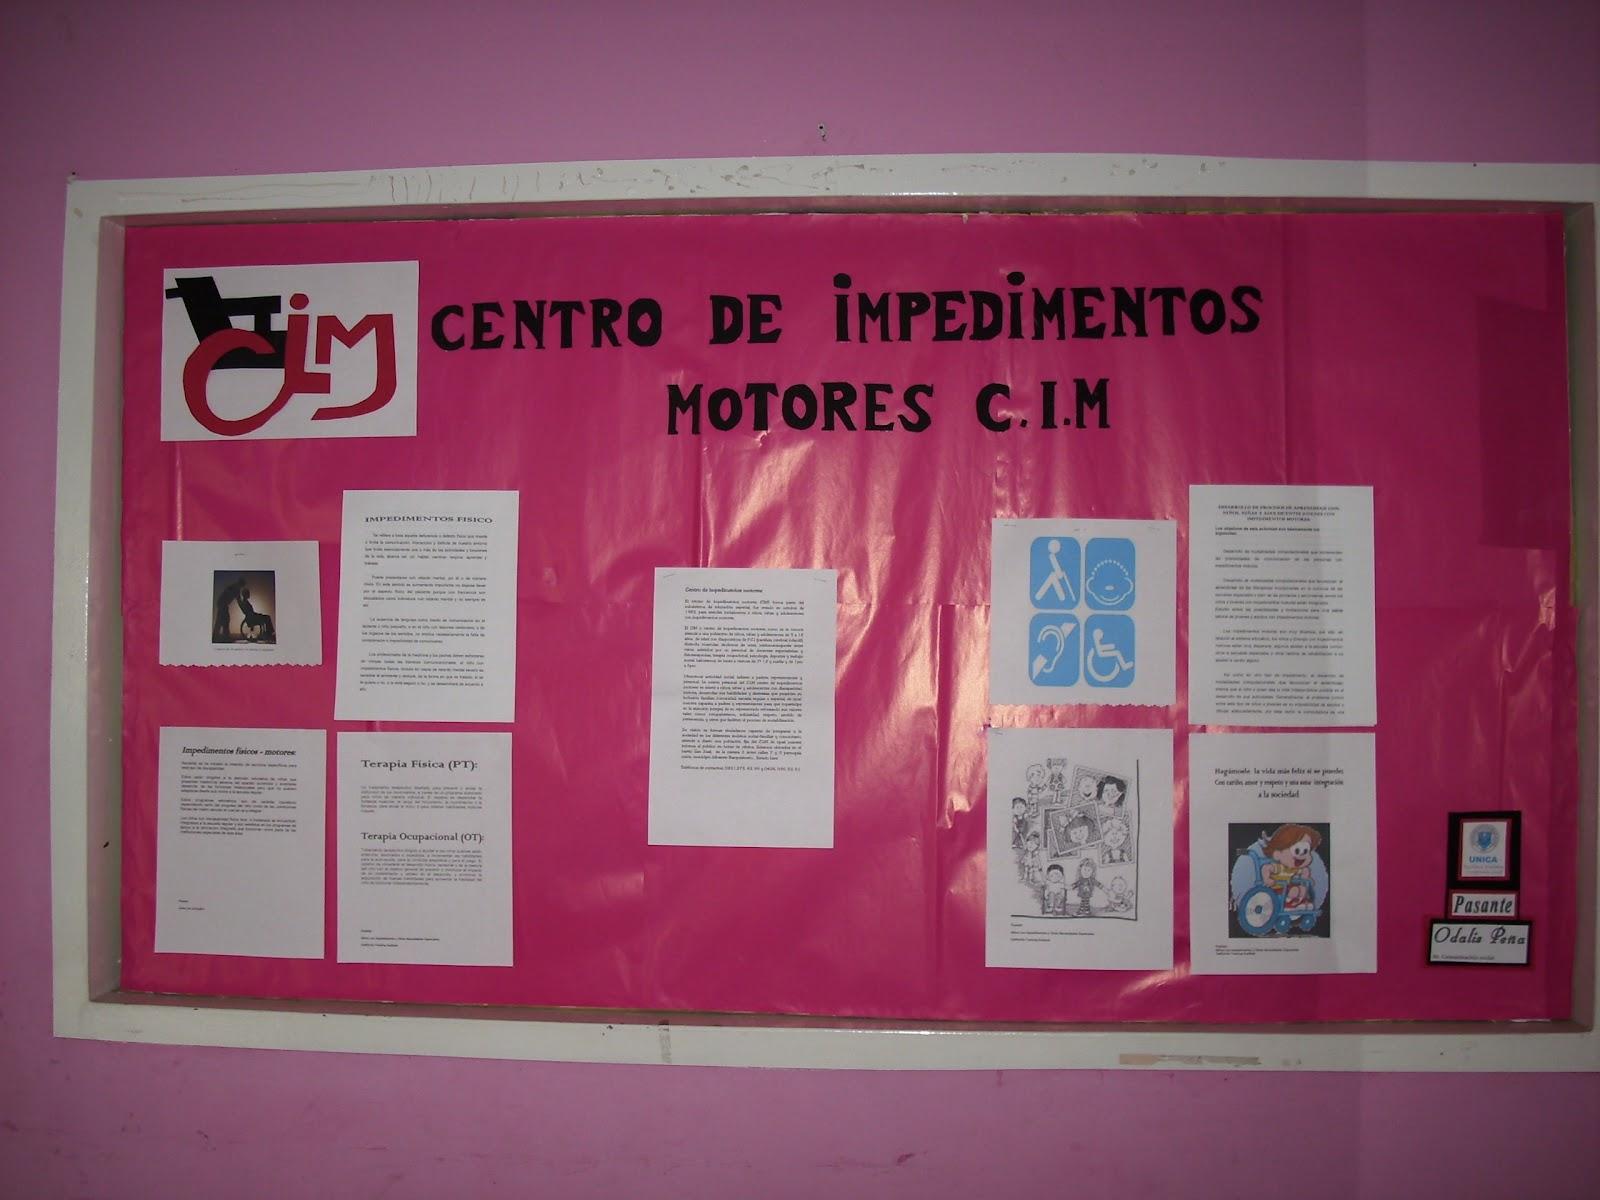 Amigos del C.I.M: ELABORACIÓN DE CARTELERAS INFORMATIVAS